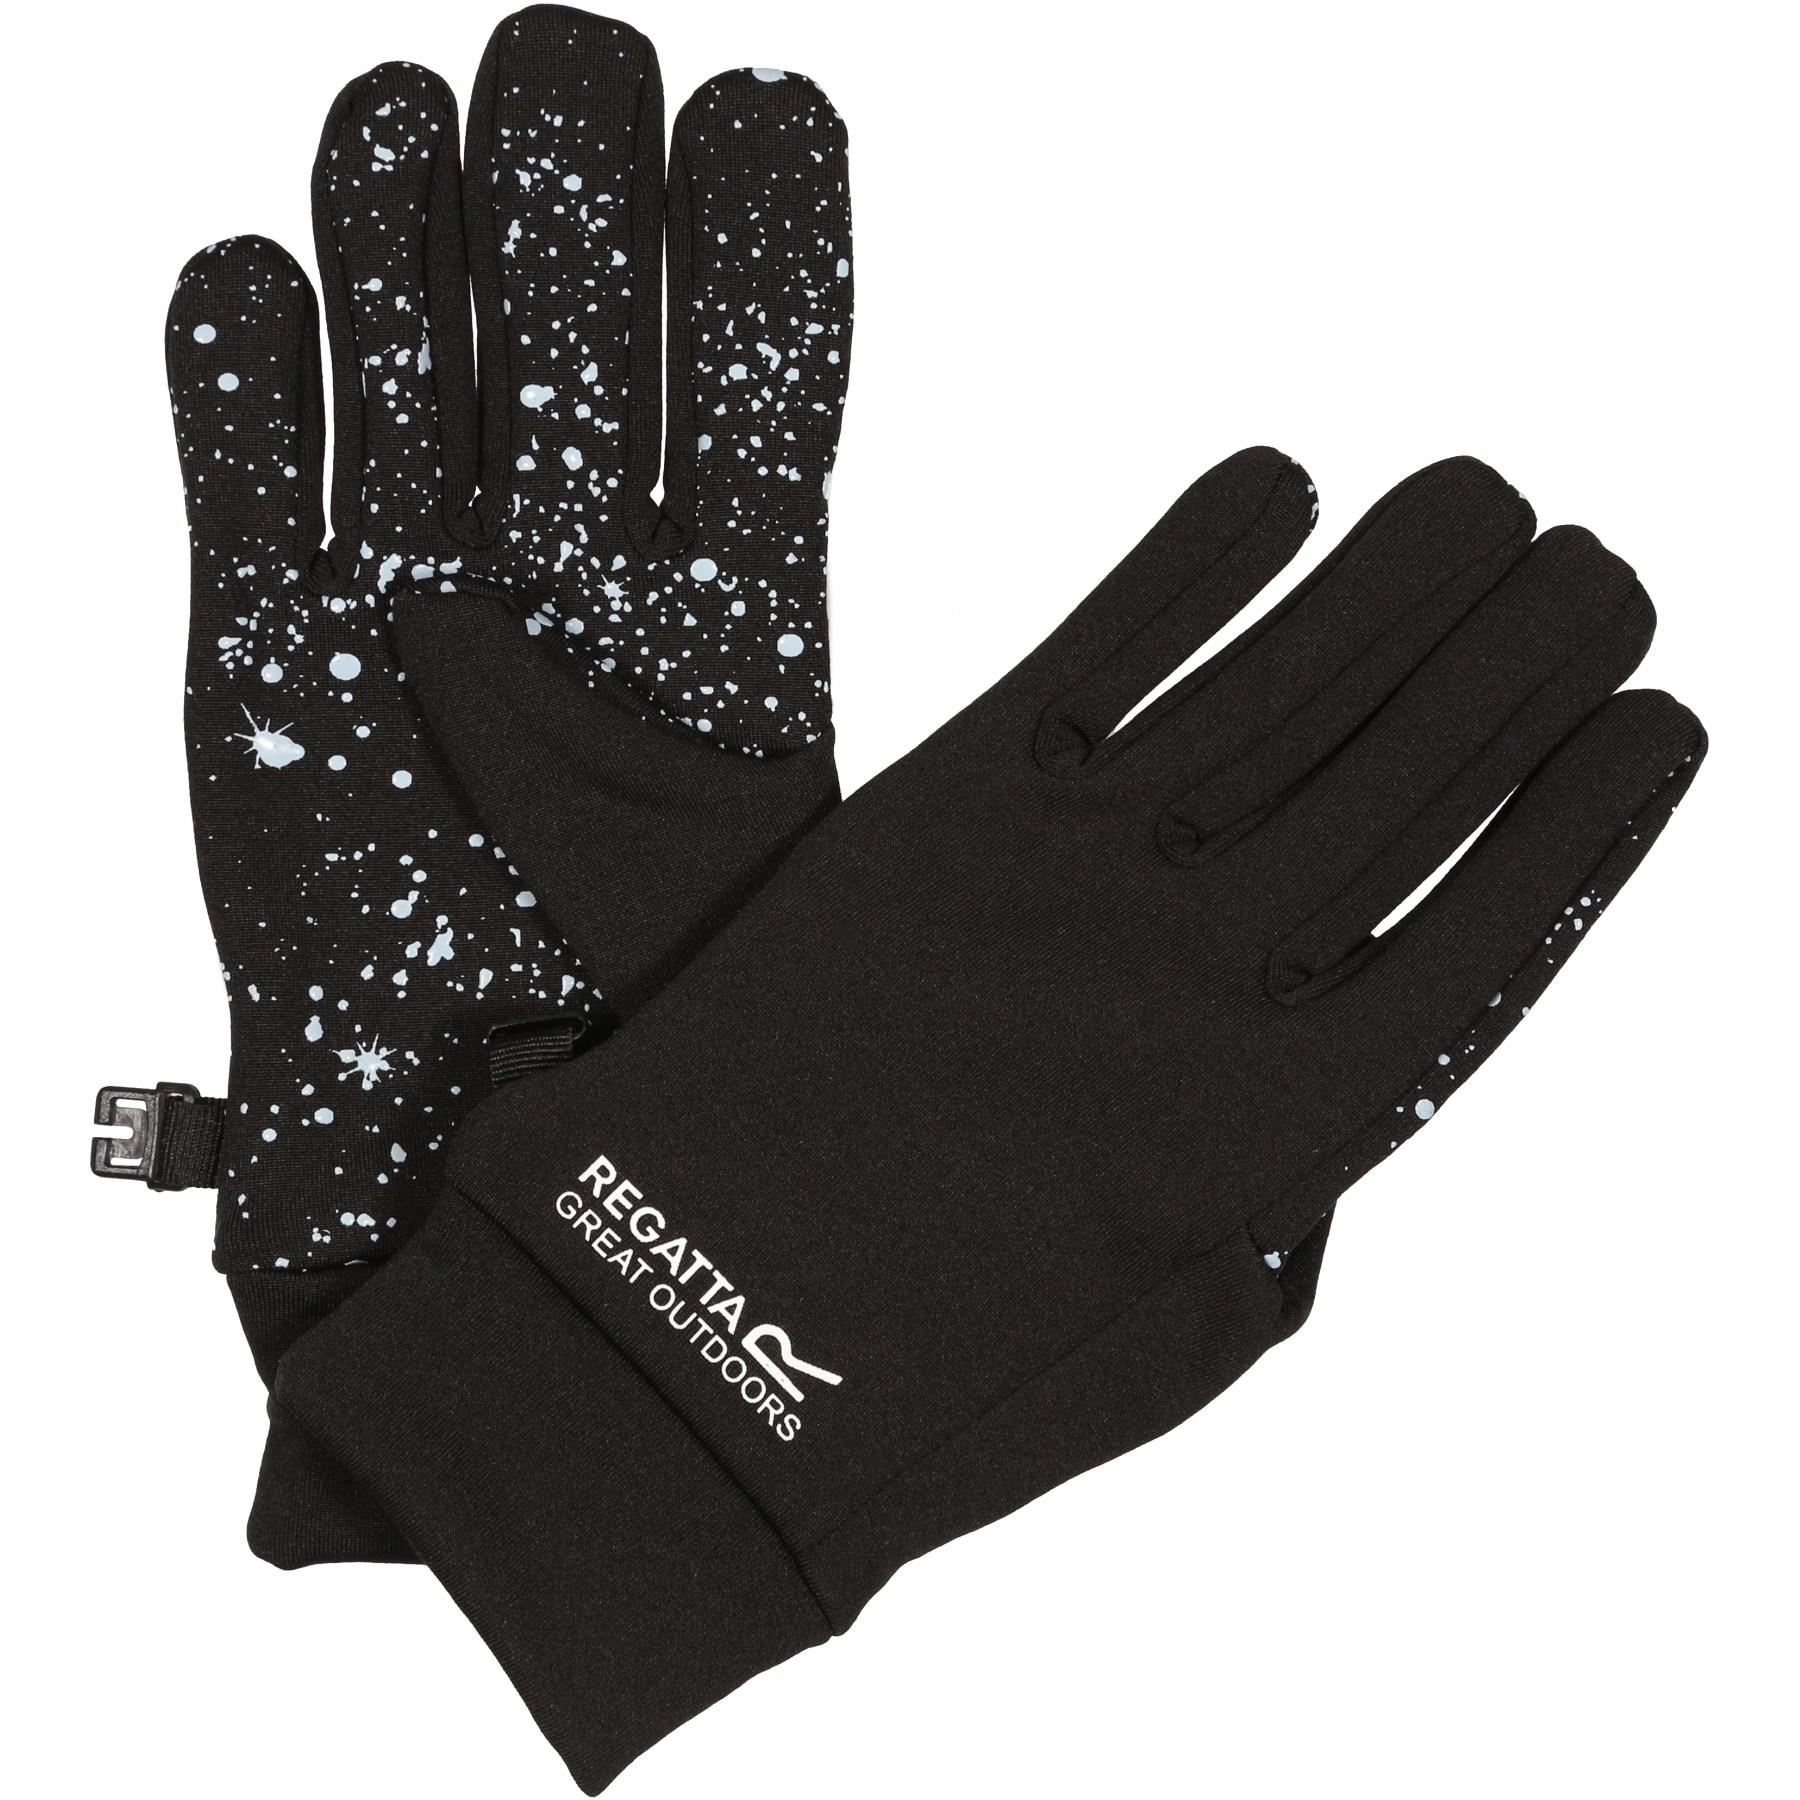 Picture of Regatta Grippy Kids Gloves - R7R Black/Ice Blue